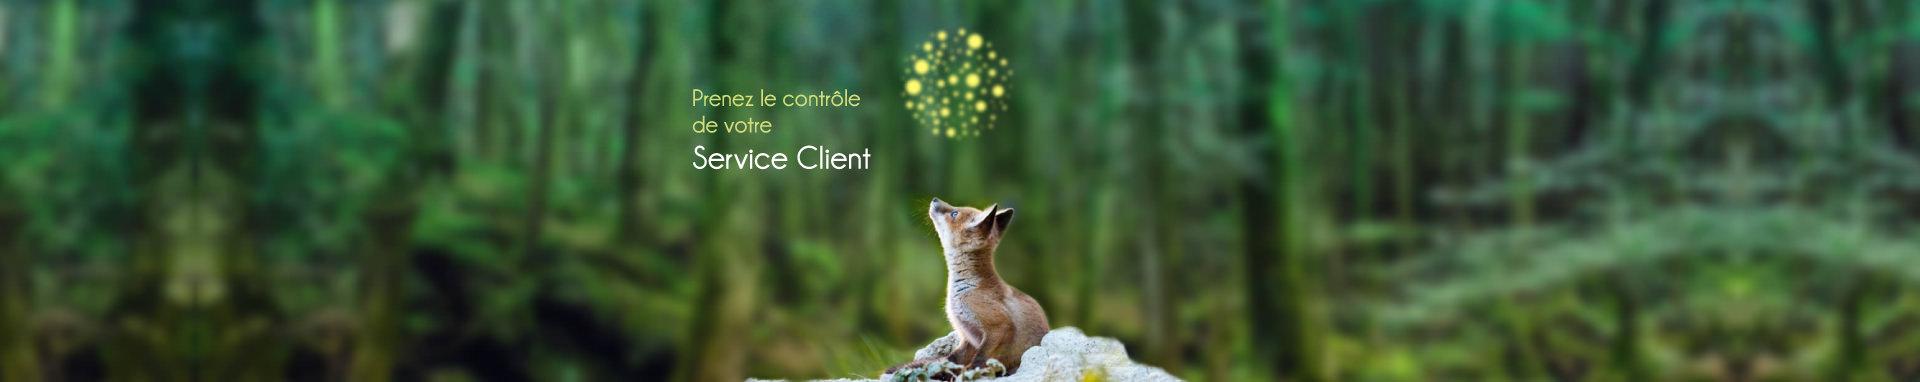 Freshdesk solution de gestion du service client